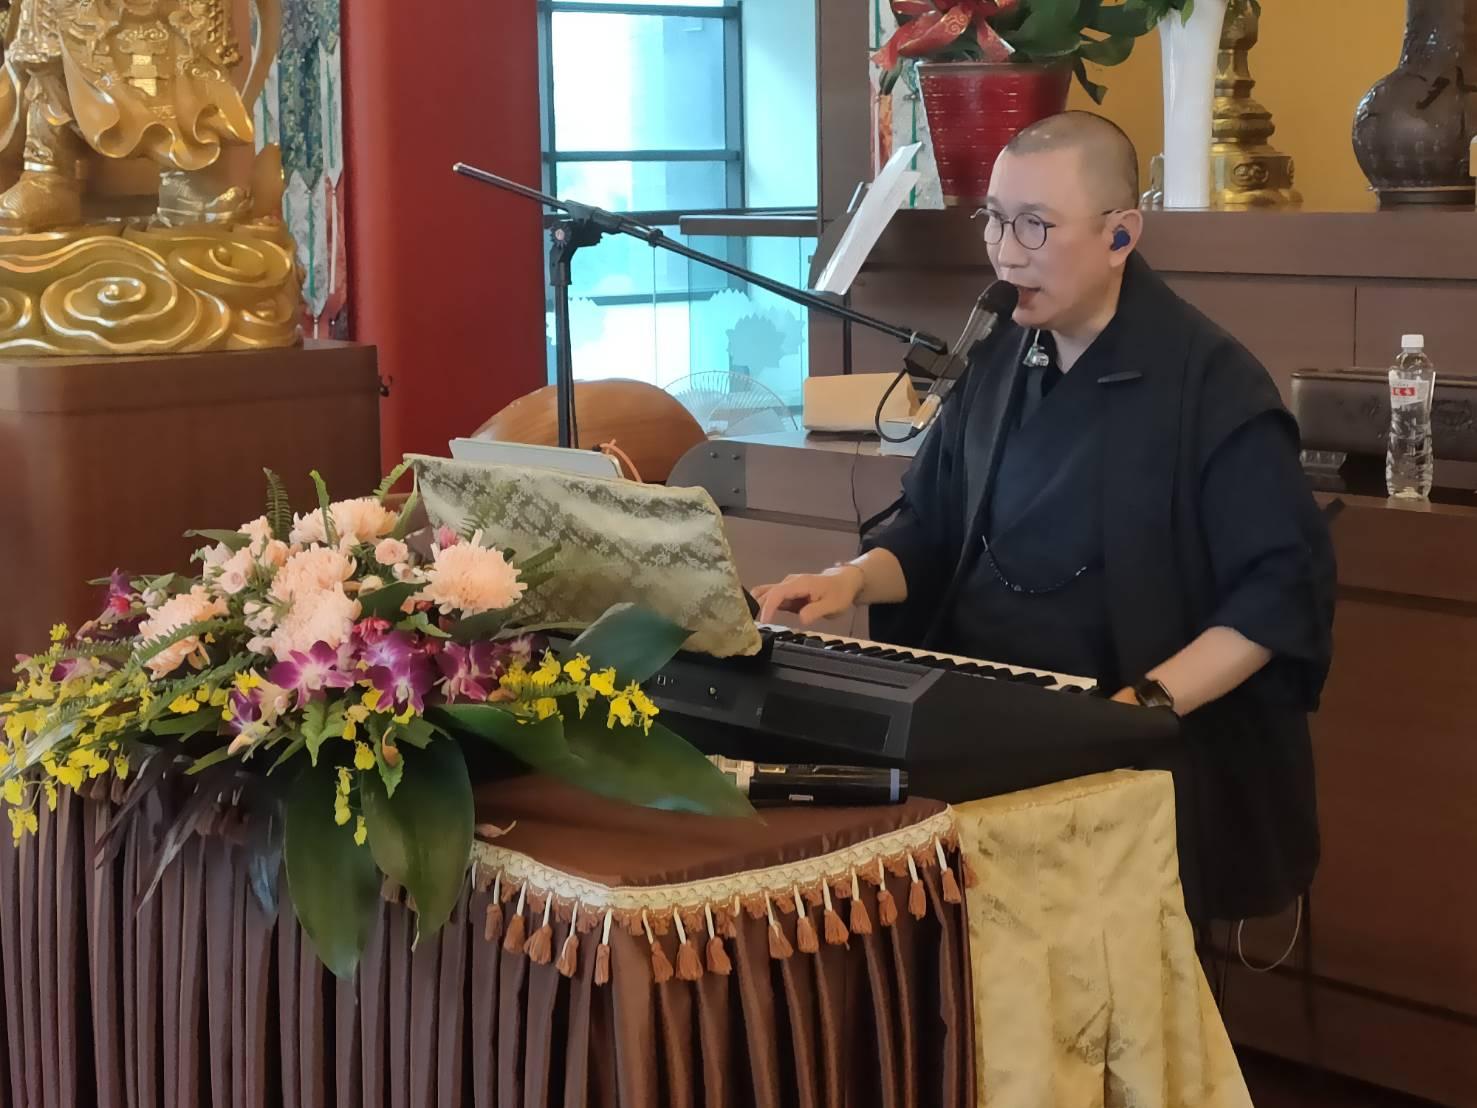 明海法師十方遍法界芸芸眾生,由佛禪美妙音律歌聲的傳頌,將歌聲旋律融入生活,在傳唱過程中所帶來的法喜自在。